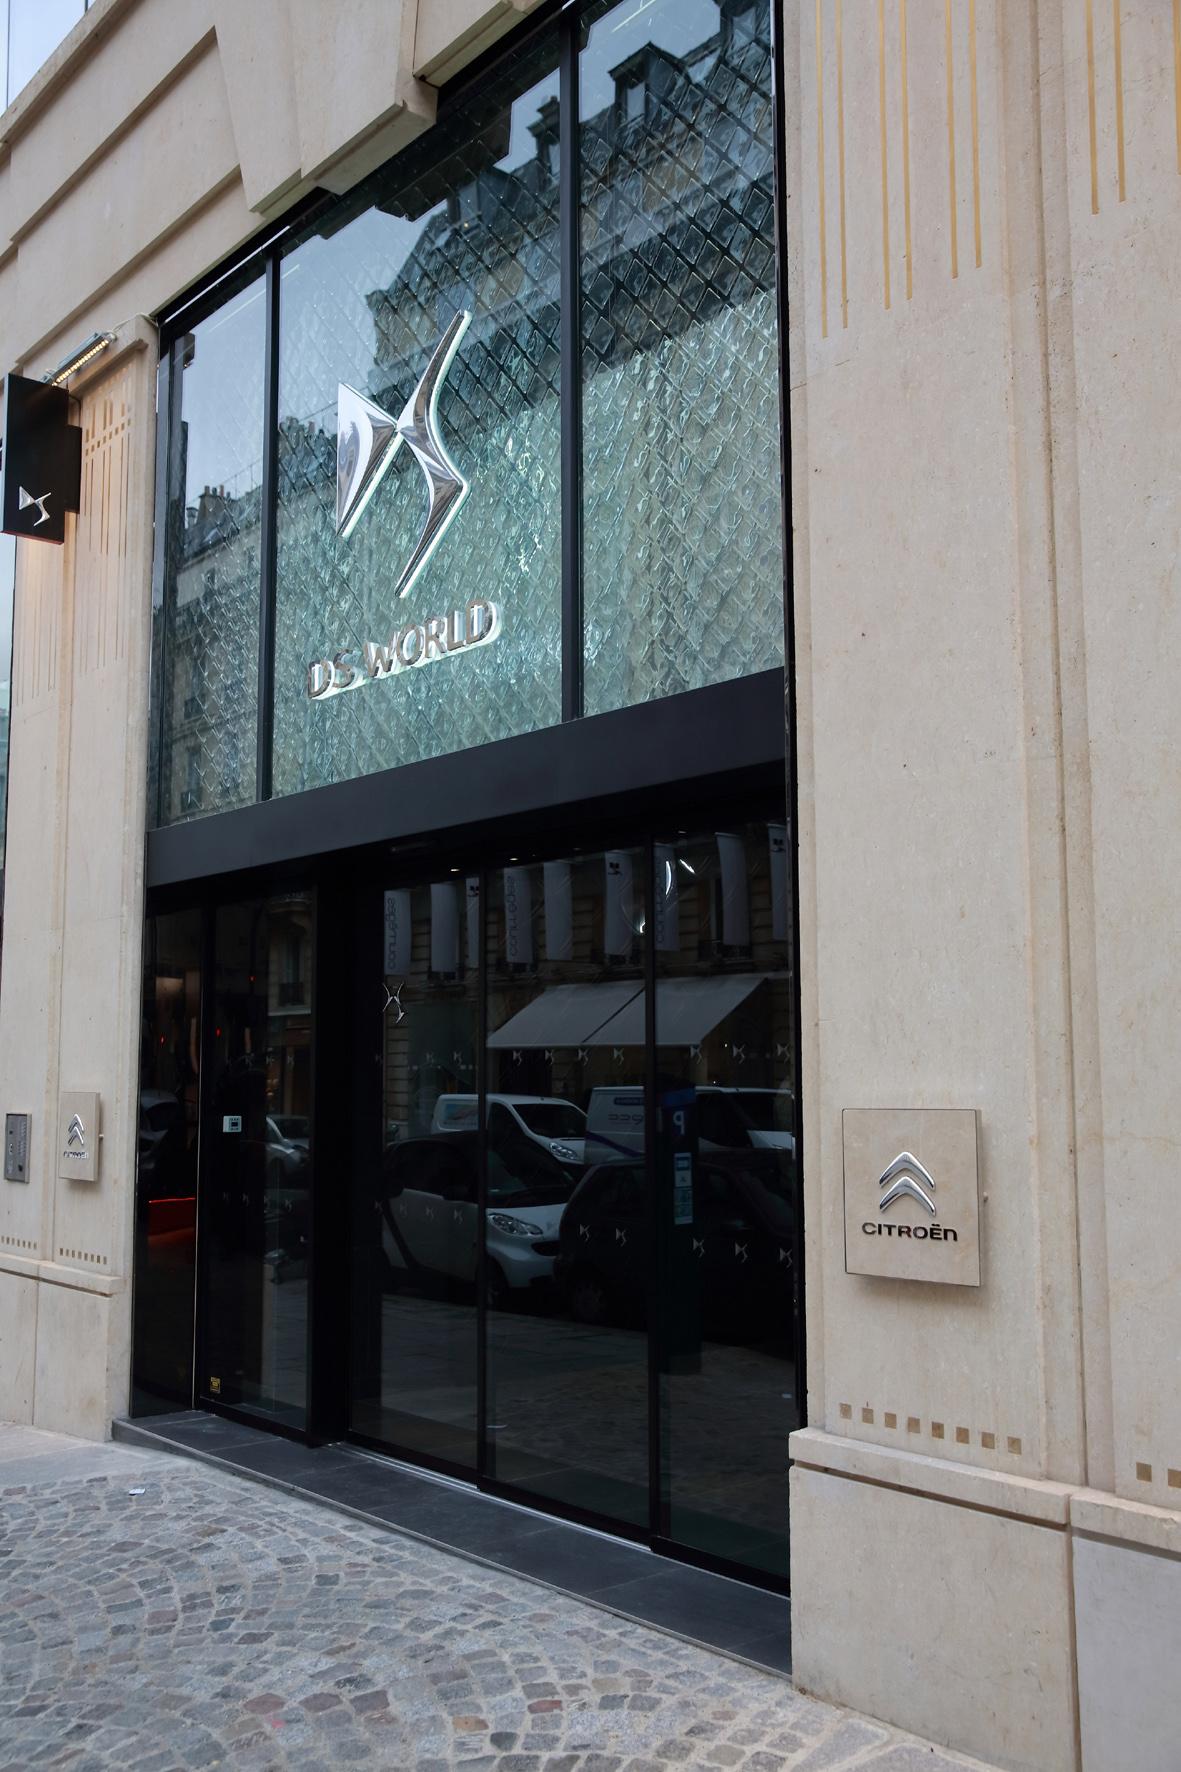 Französischer Schick: Citroen macht DS zur Marke